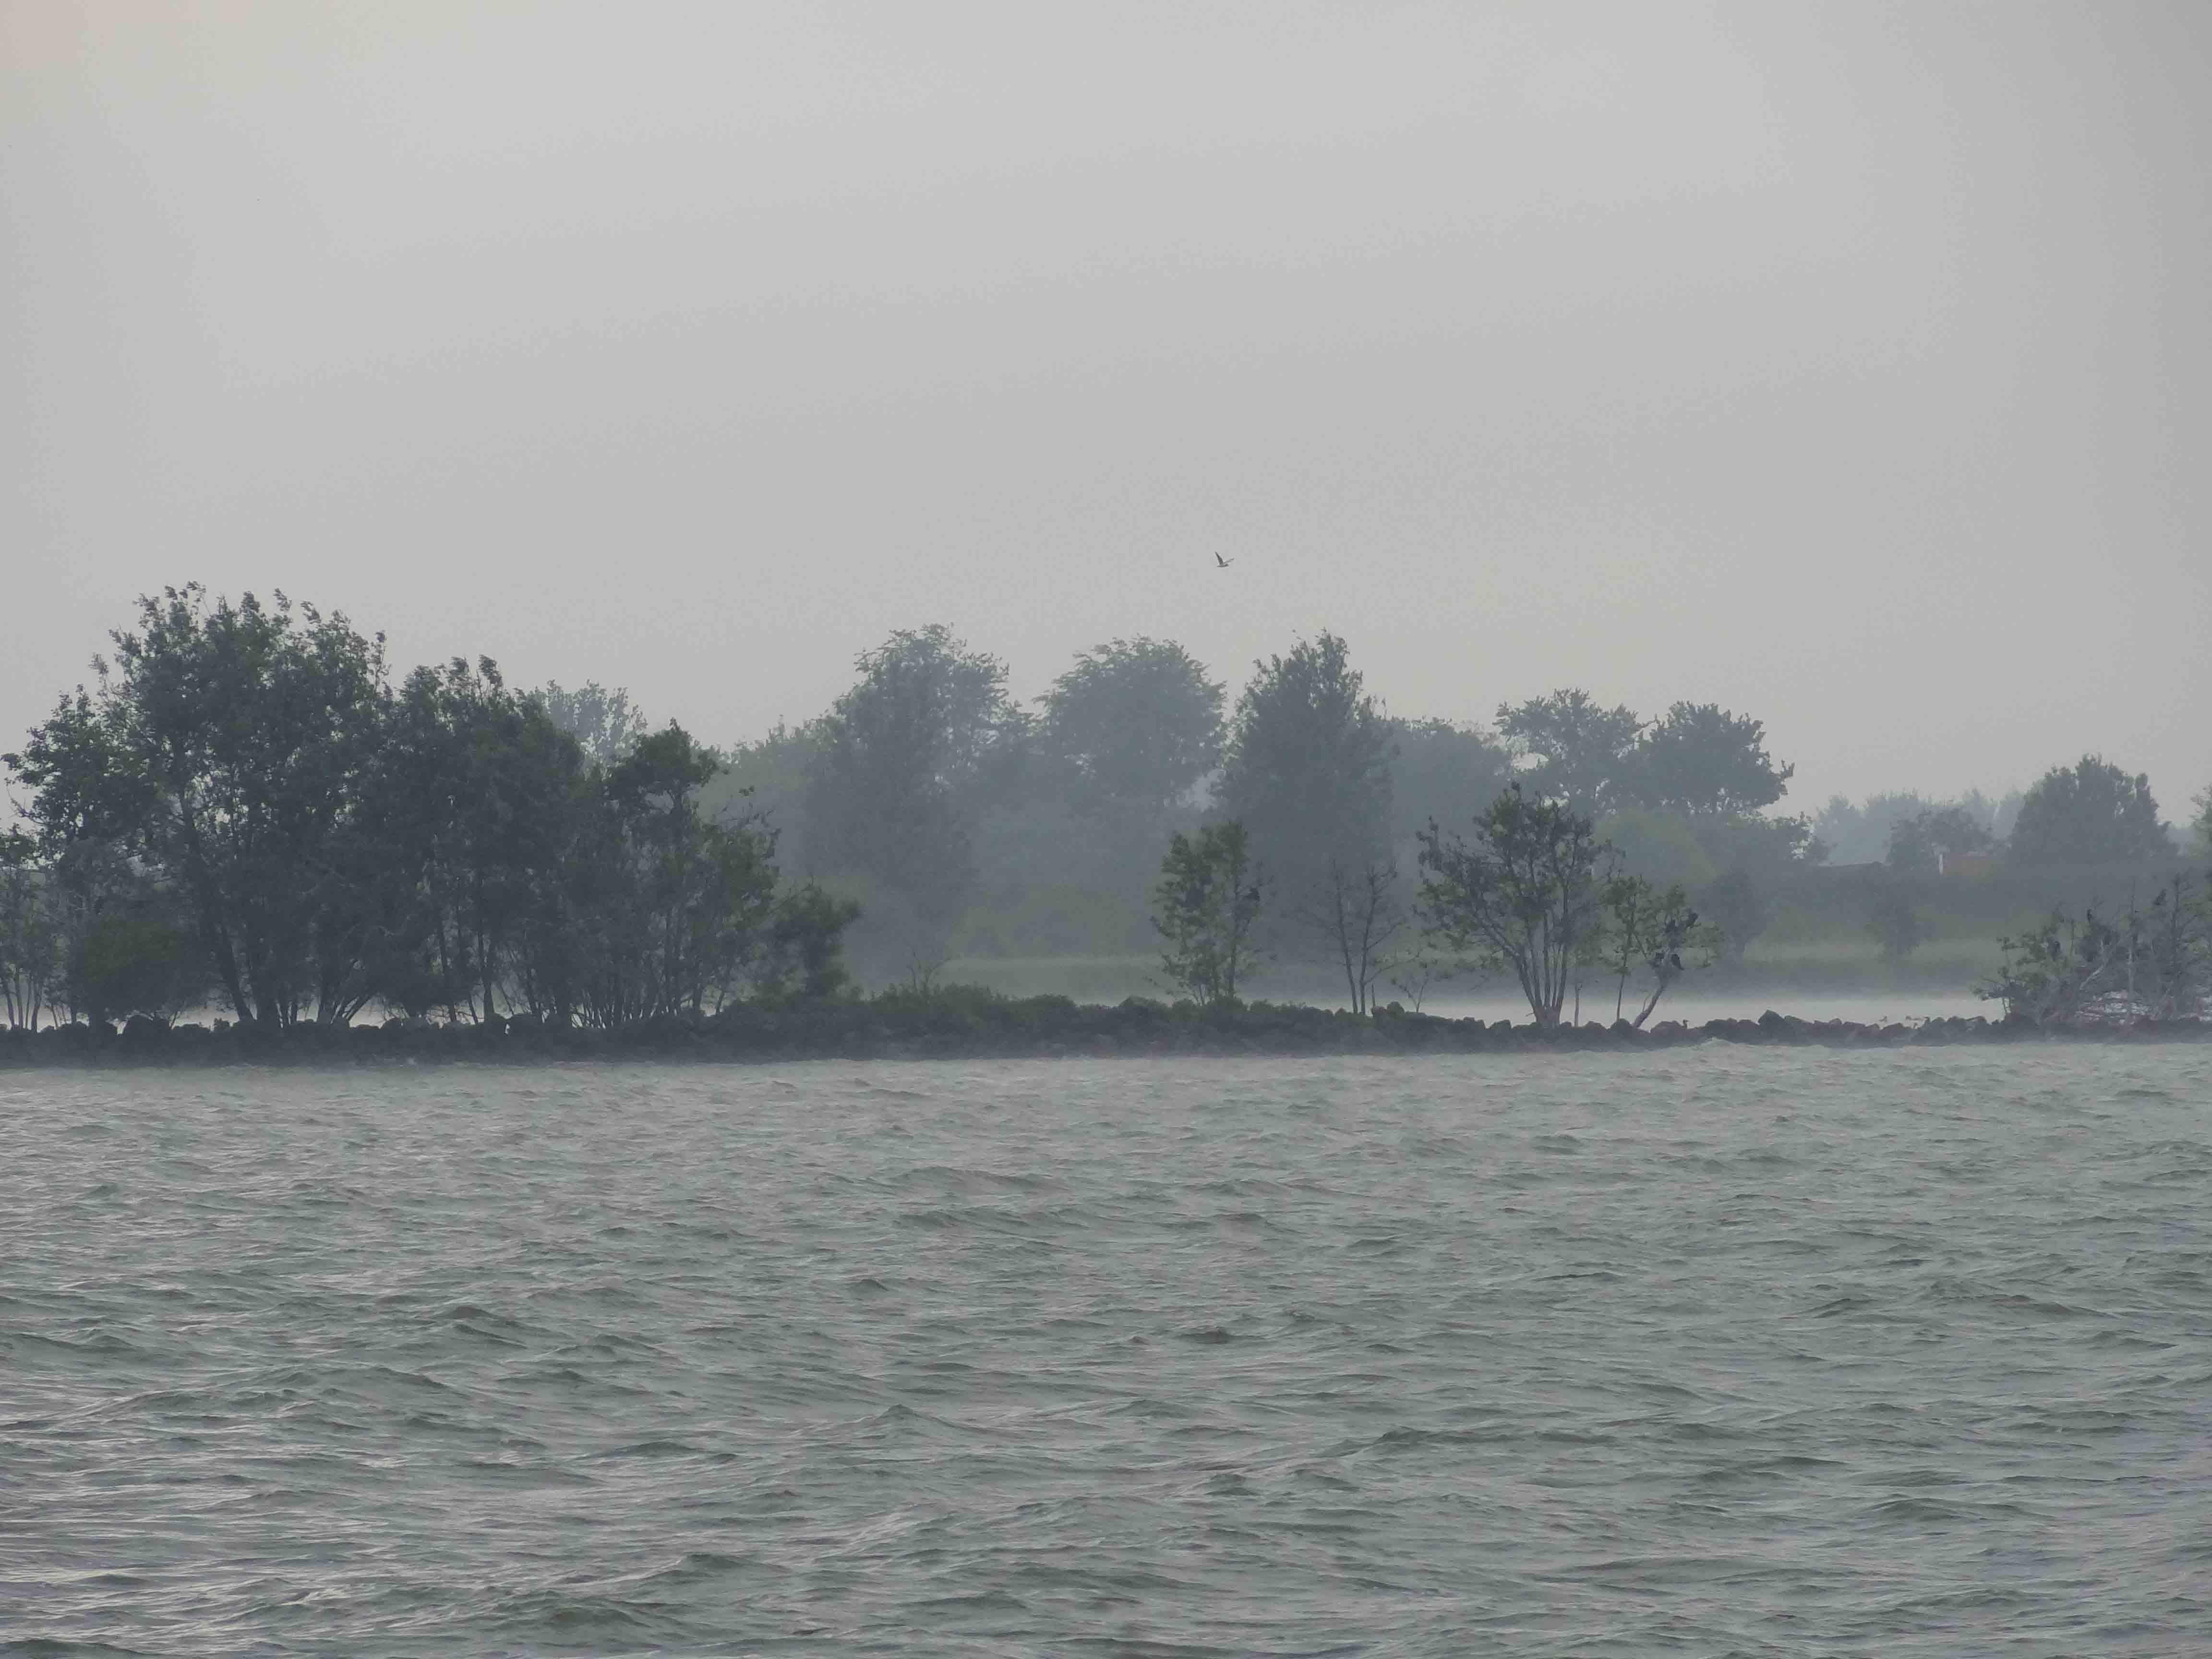 Aufziehender Nebel in der Ankerbucht zwichen Anike und Medemblick